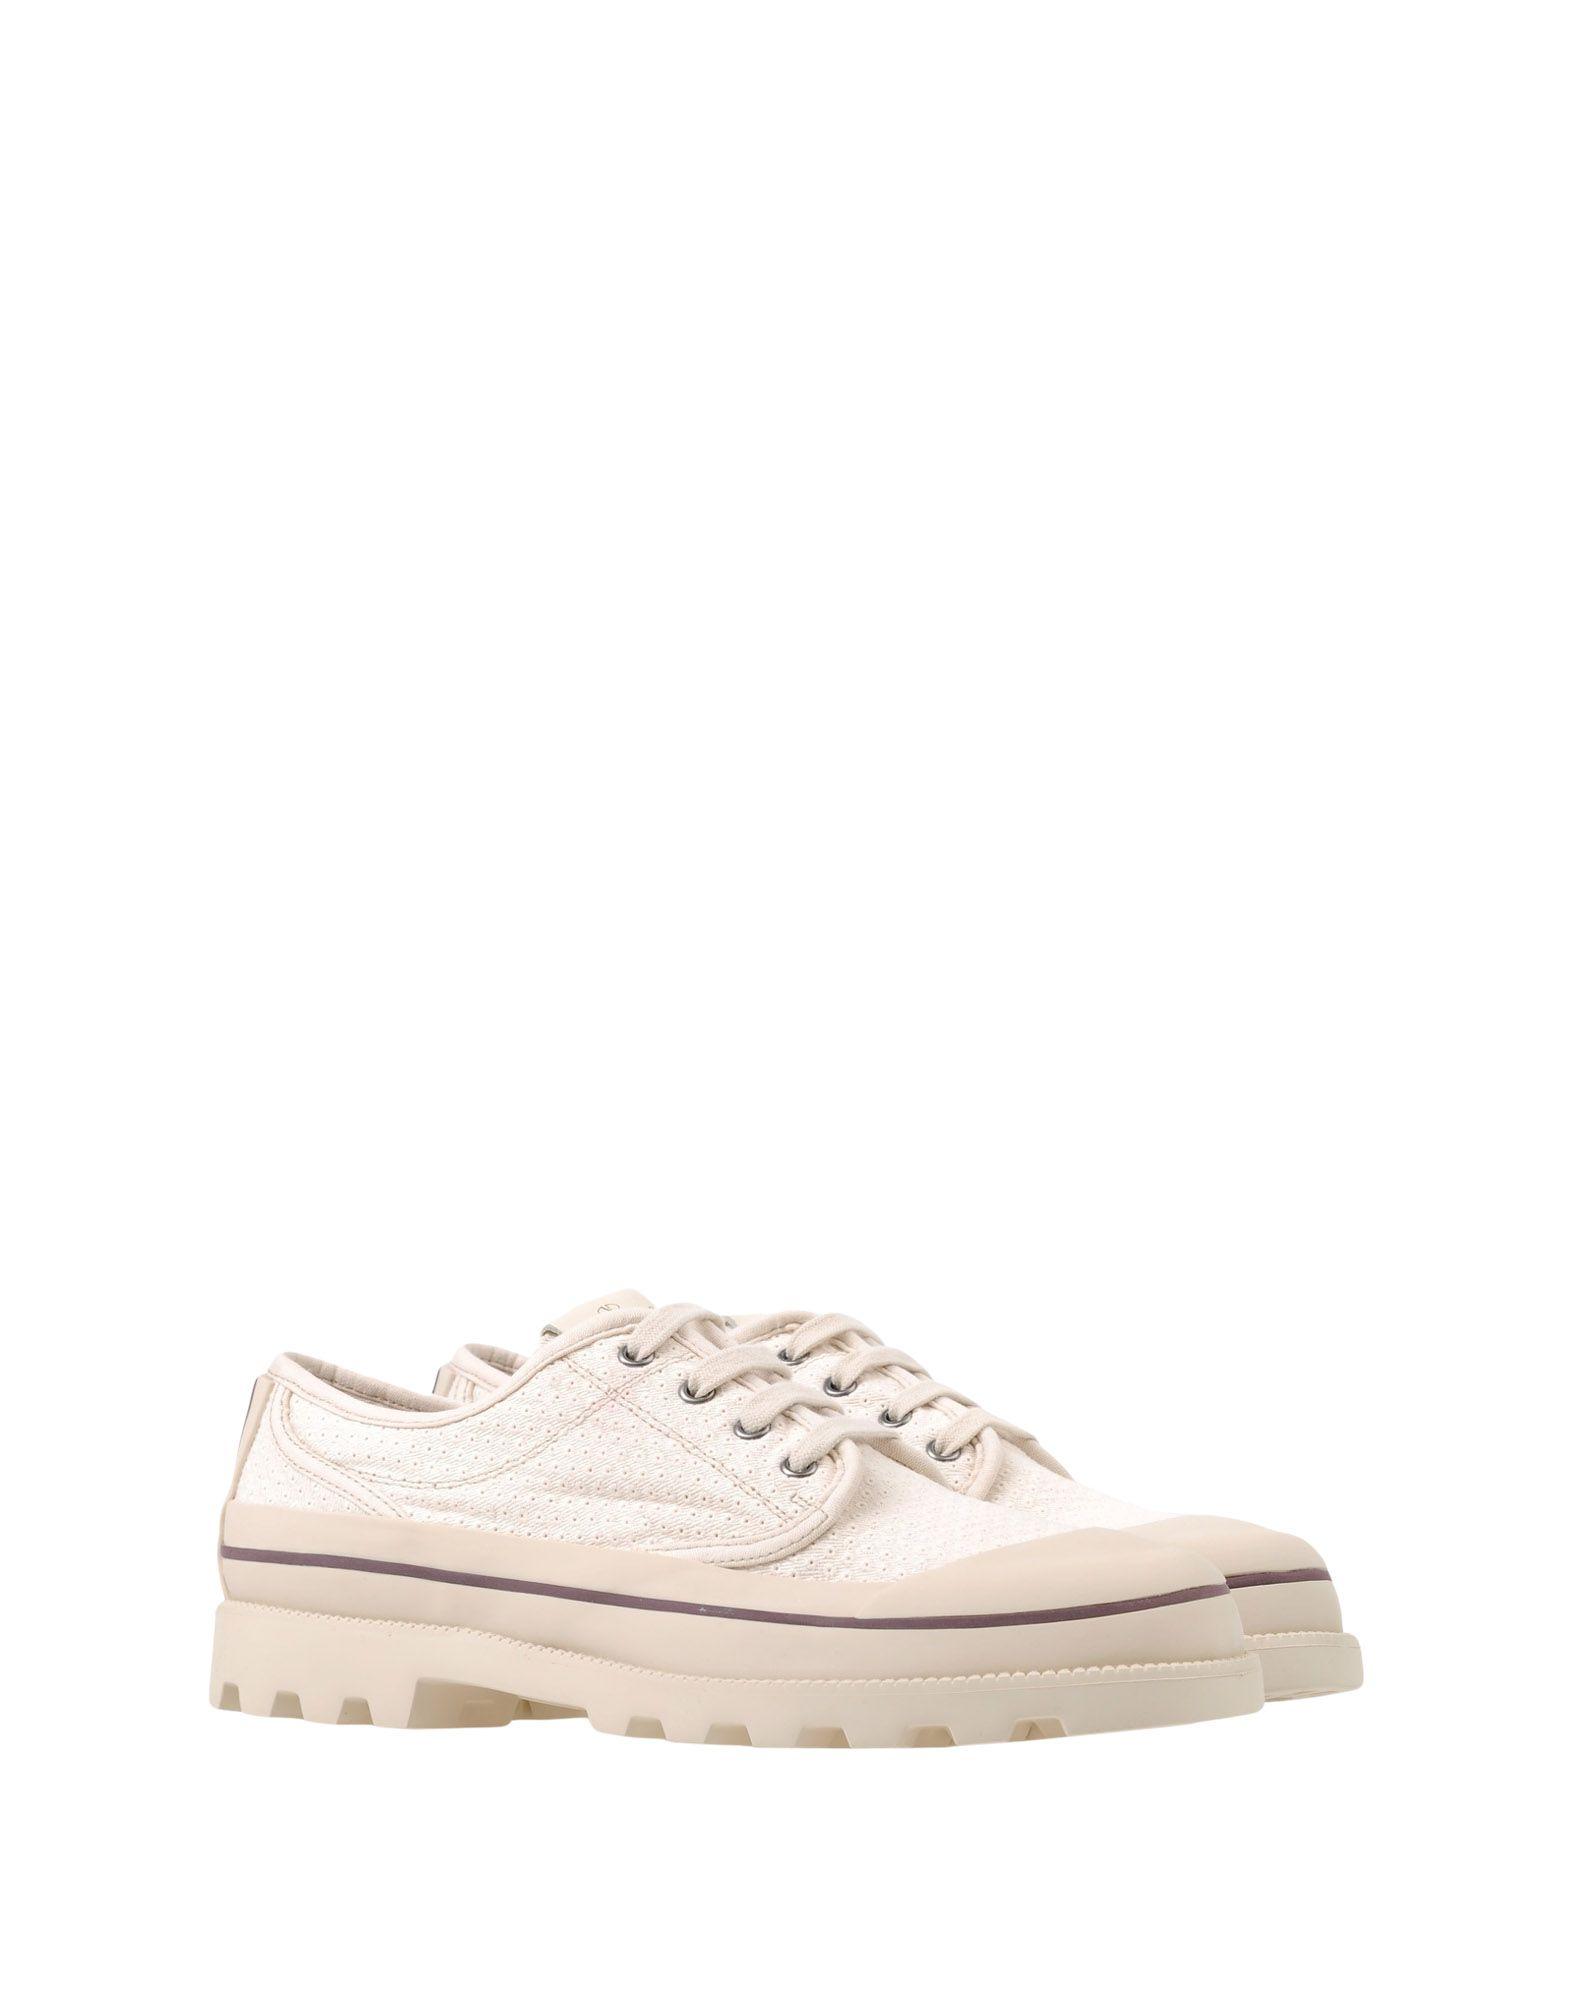 Chaussures À Lacets Valentino Garavani Homme - Chaussures À Lacets Valentino Garavani sur